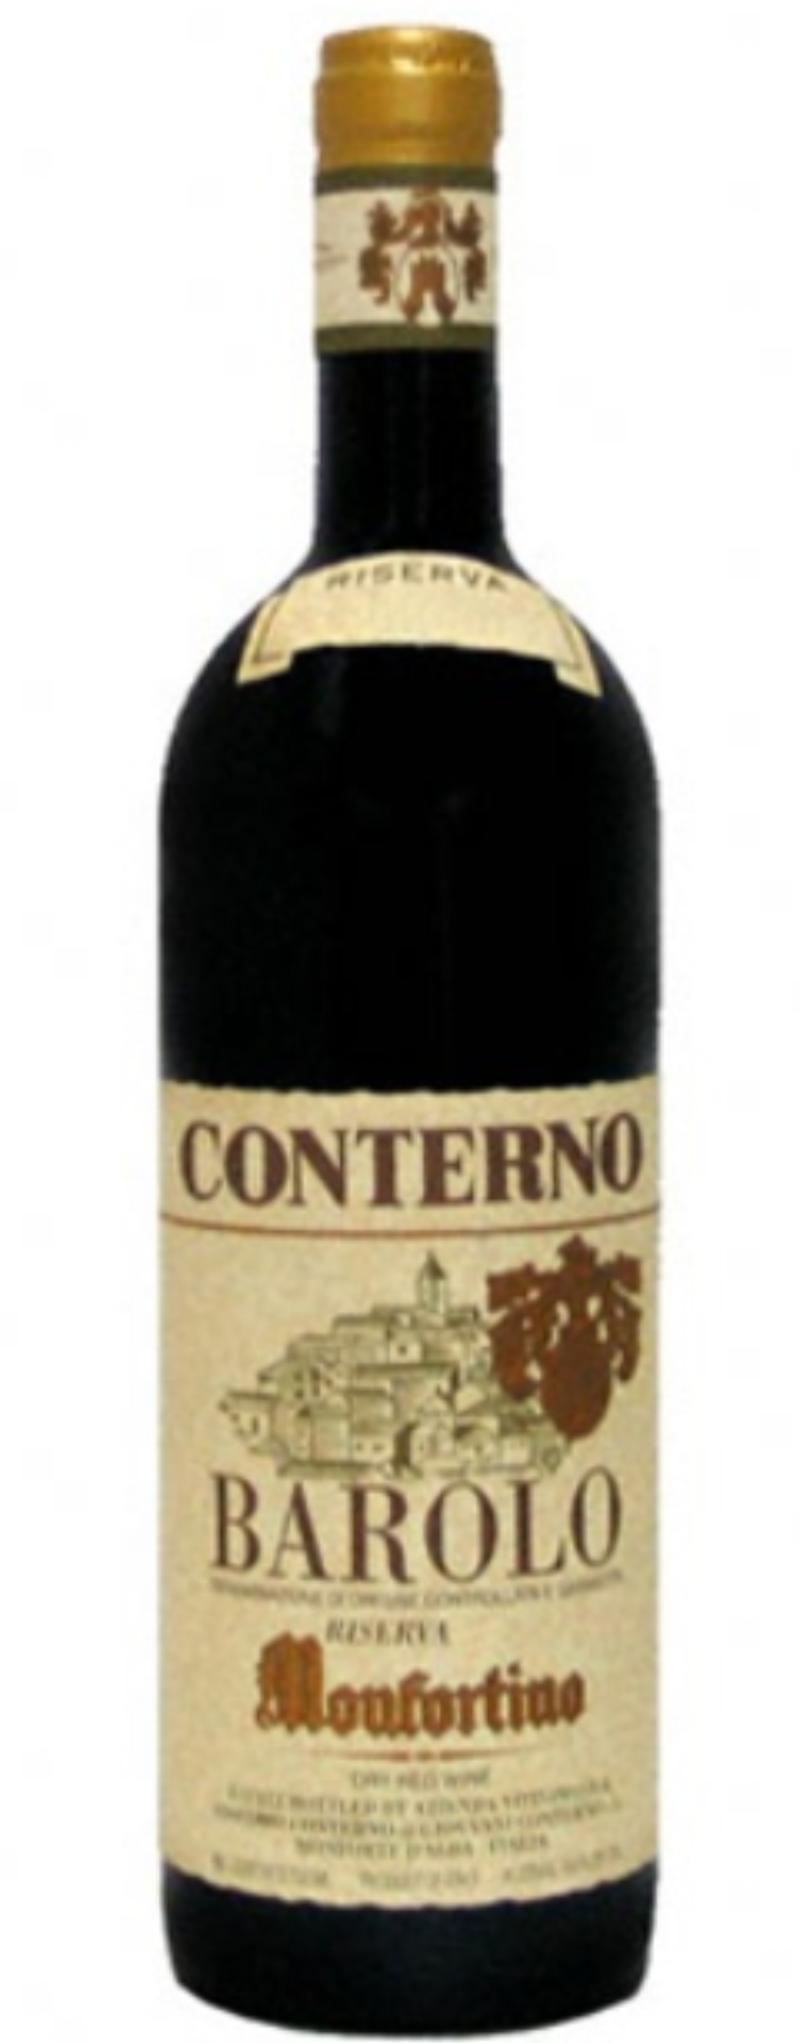 BAROLO-MONFORTINO-GIACOMO-CONTERNO-2002